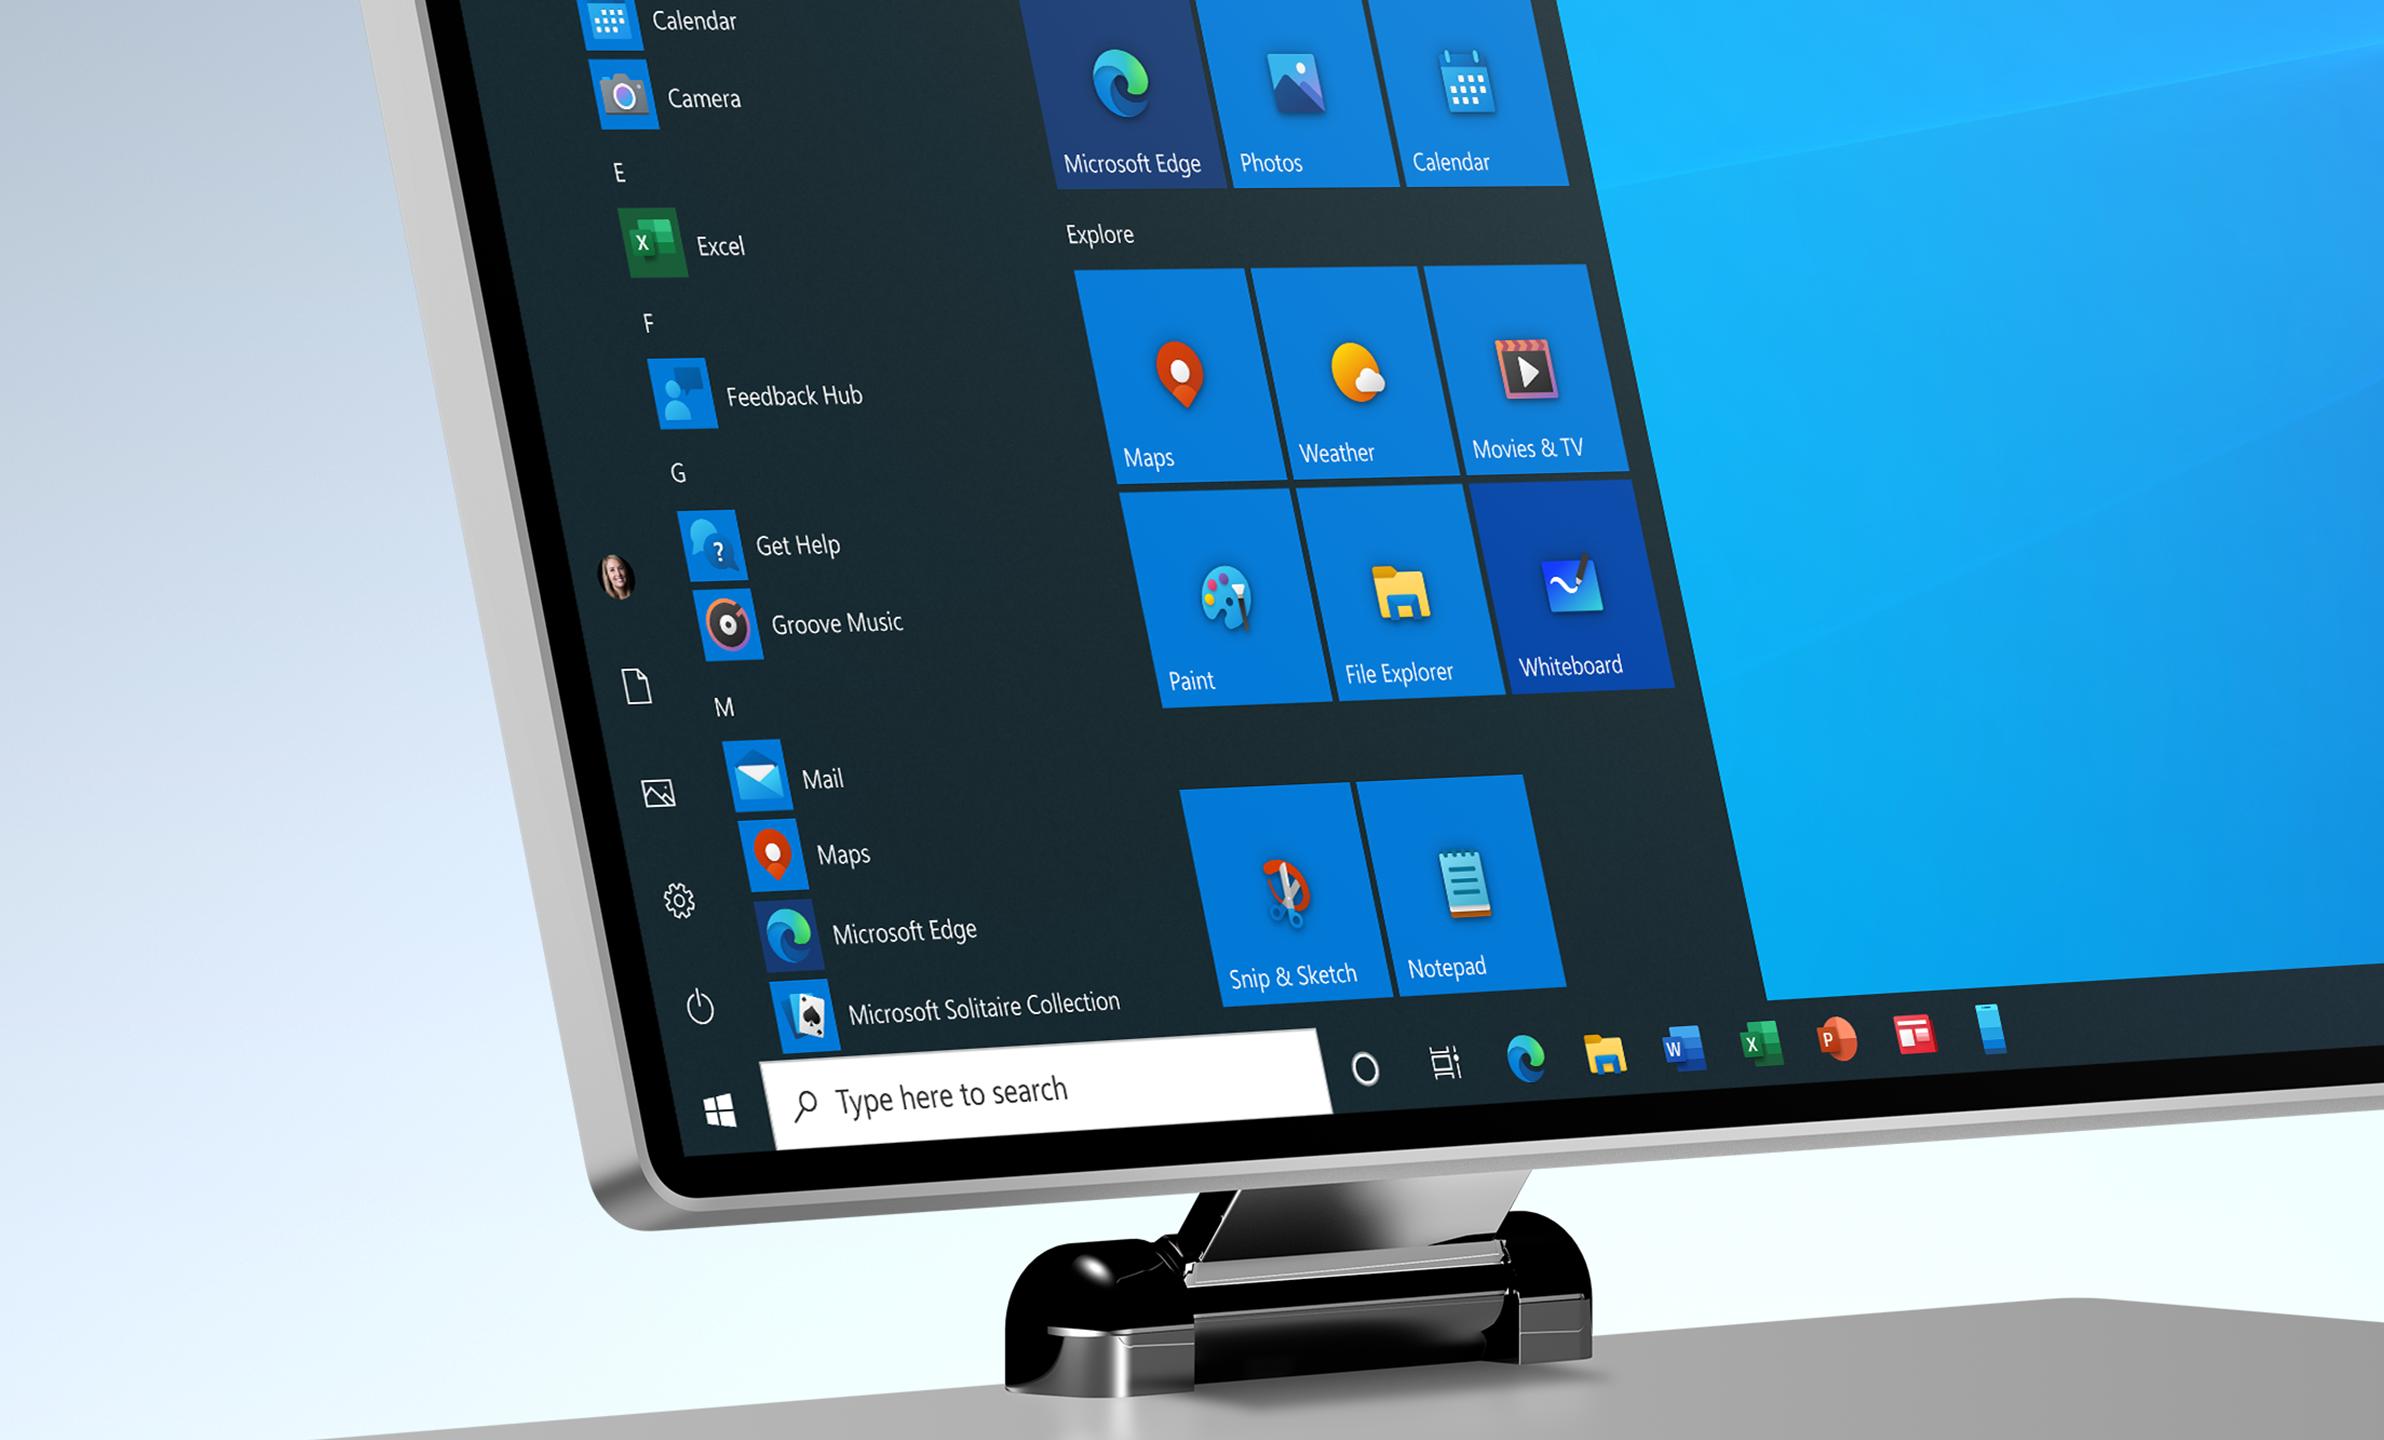 مايكروسوفت تعيد تصميم أيقونات نظام تشغيلها ويندوز 10